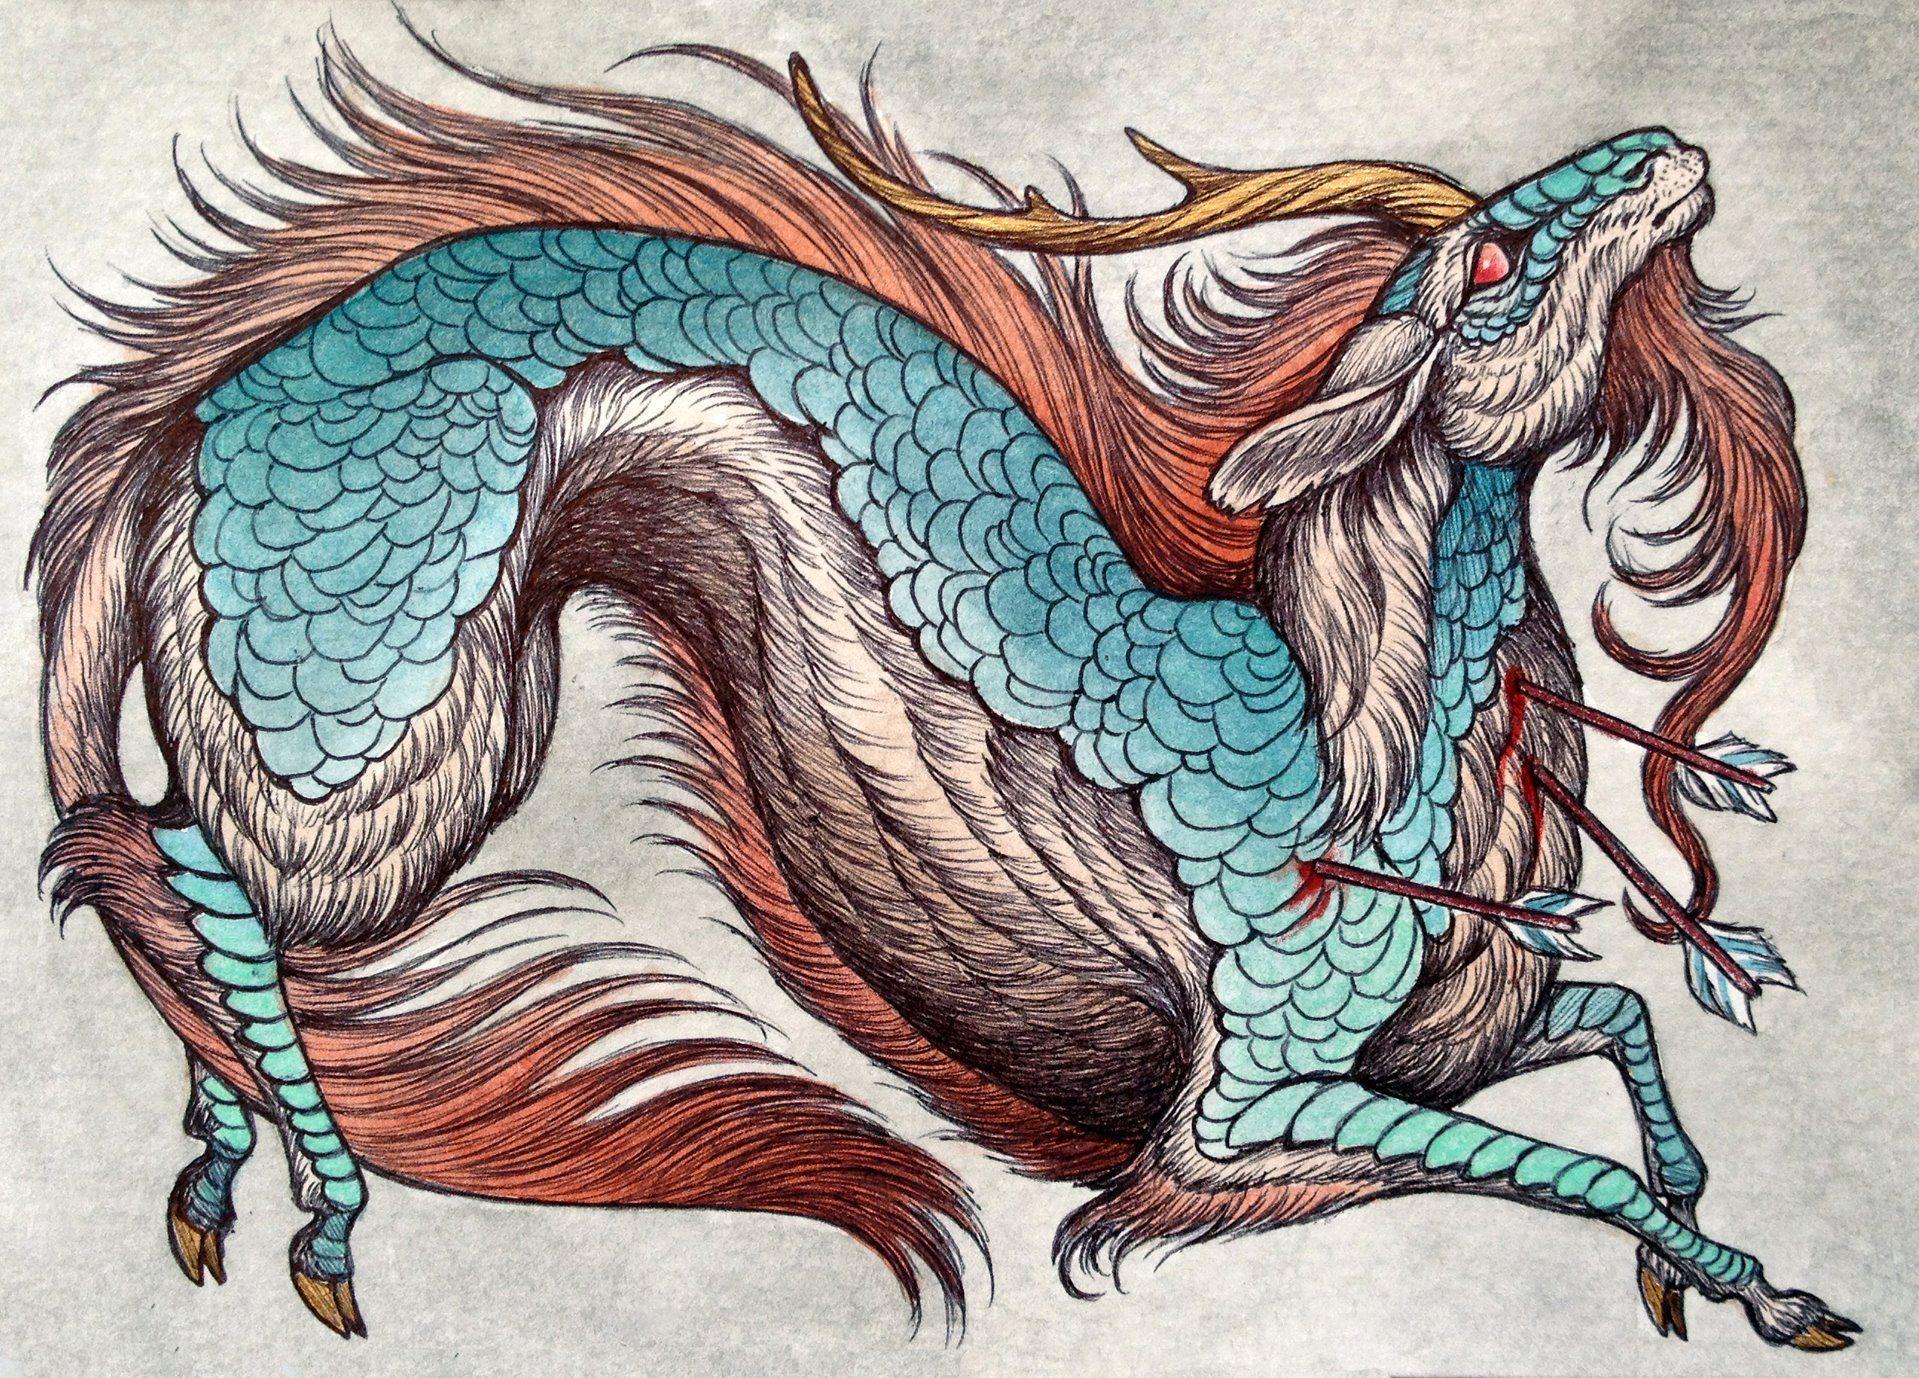 как существа из мифов и легенд картинки происходил весьма